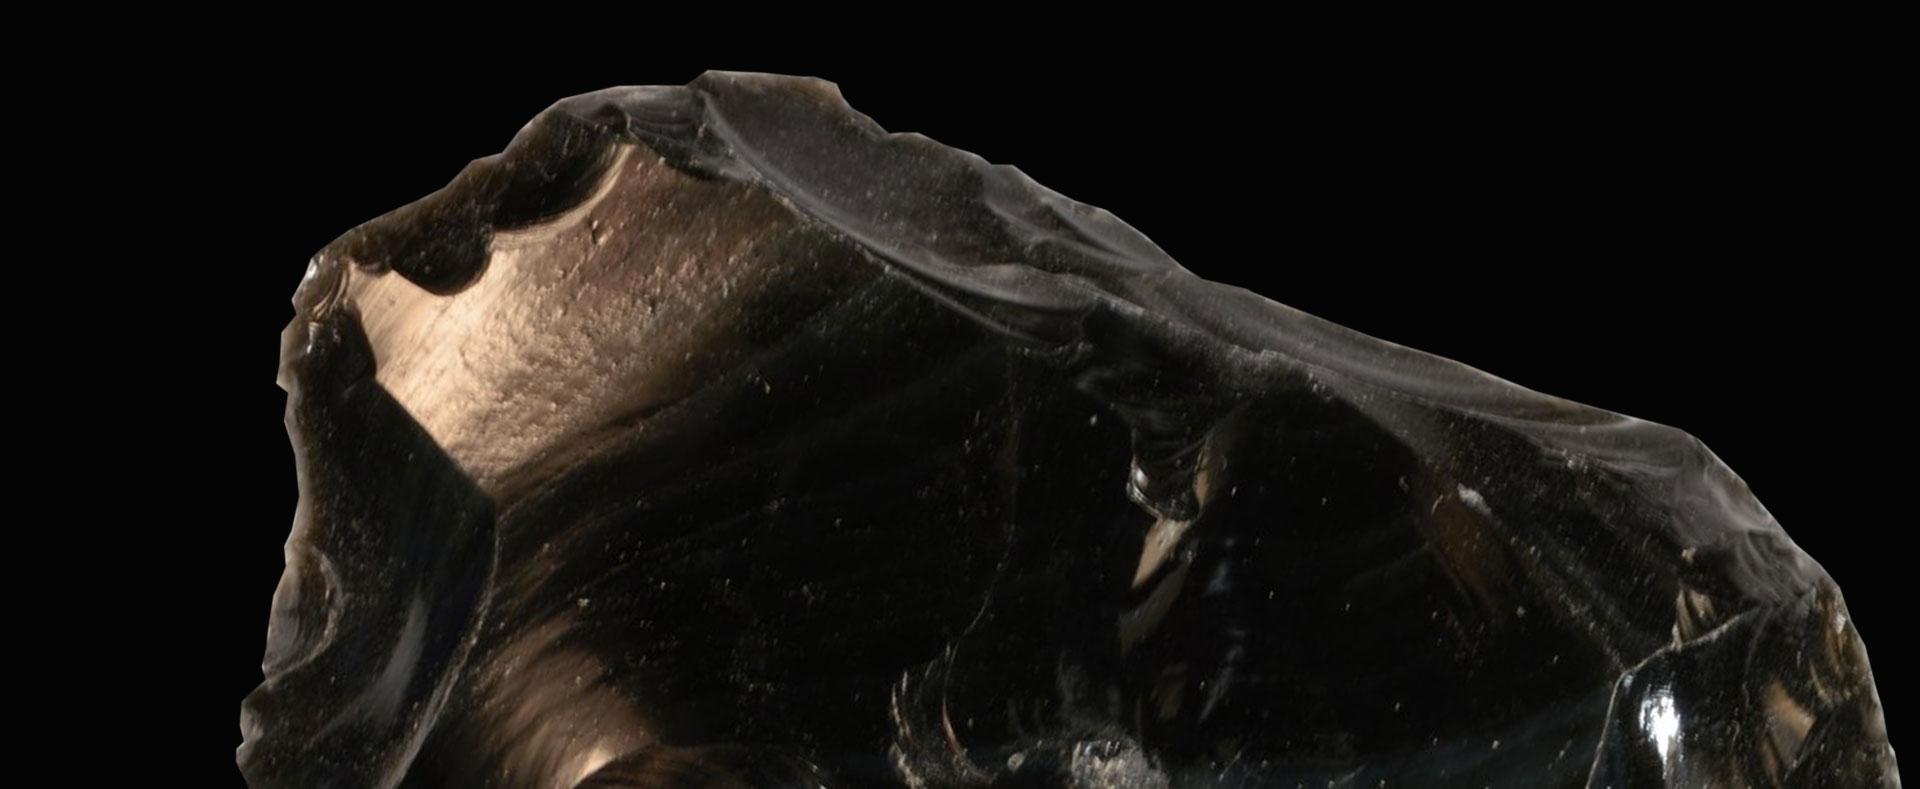 Bijoux Pierre Noire, Nom pierre semi-précieuse Noire, Bijoux Femme Noire, Pierre Précieuse Noire, Pierre Semi-Précieuse Noire, pierre fine Noire